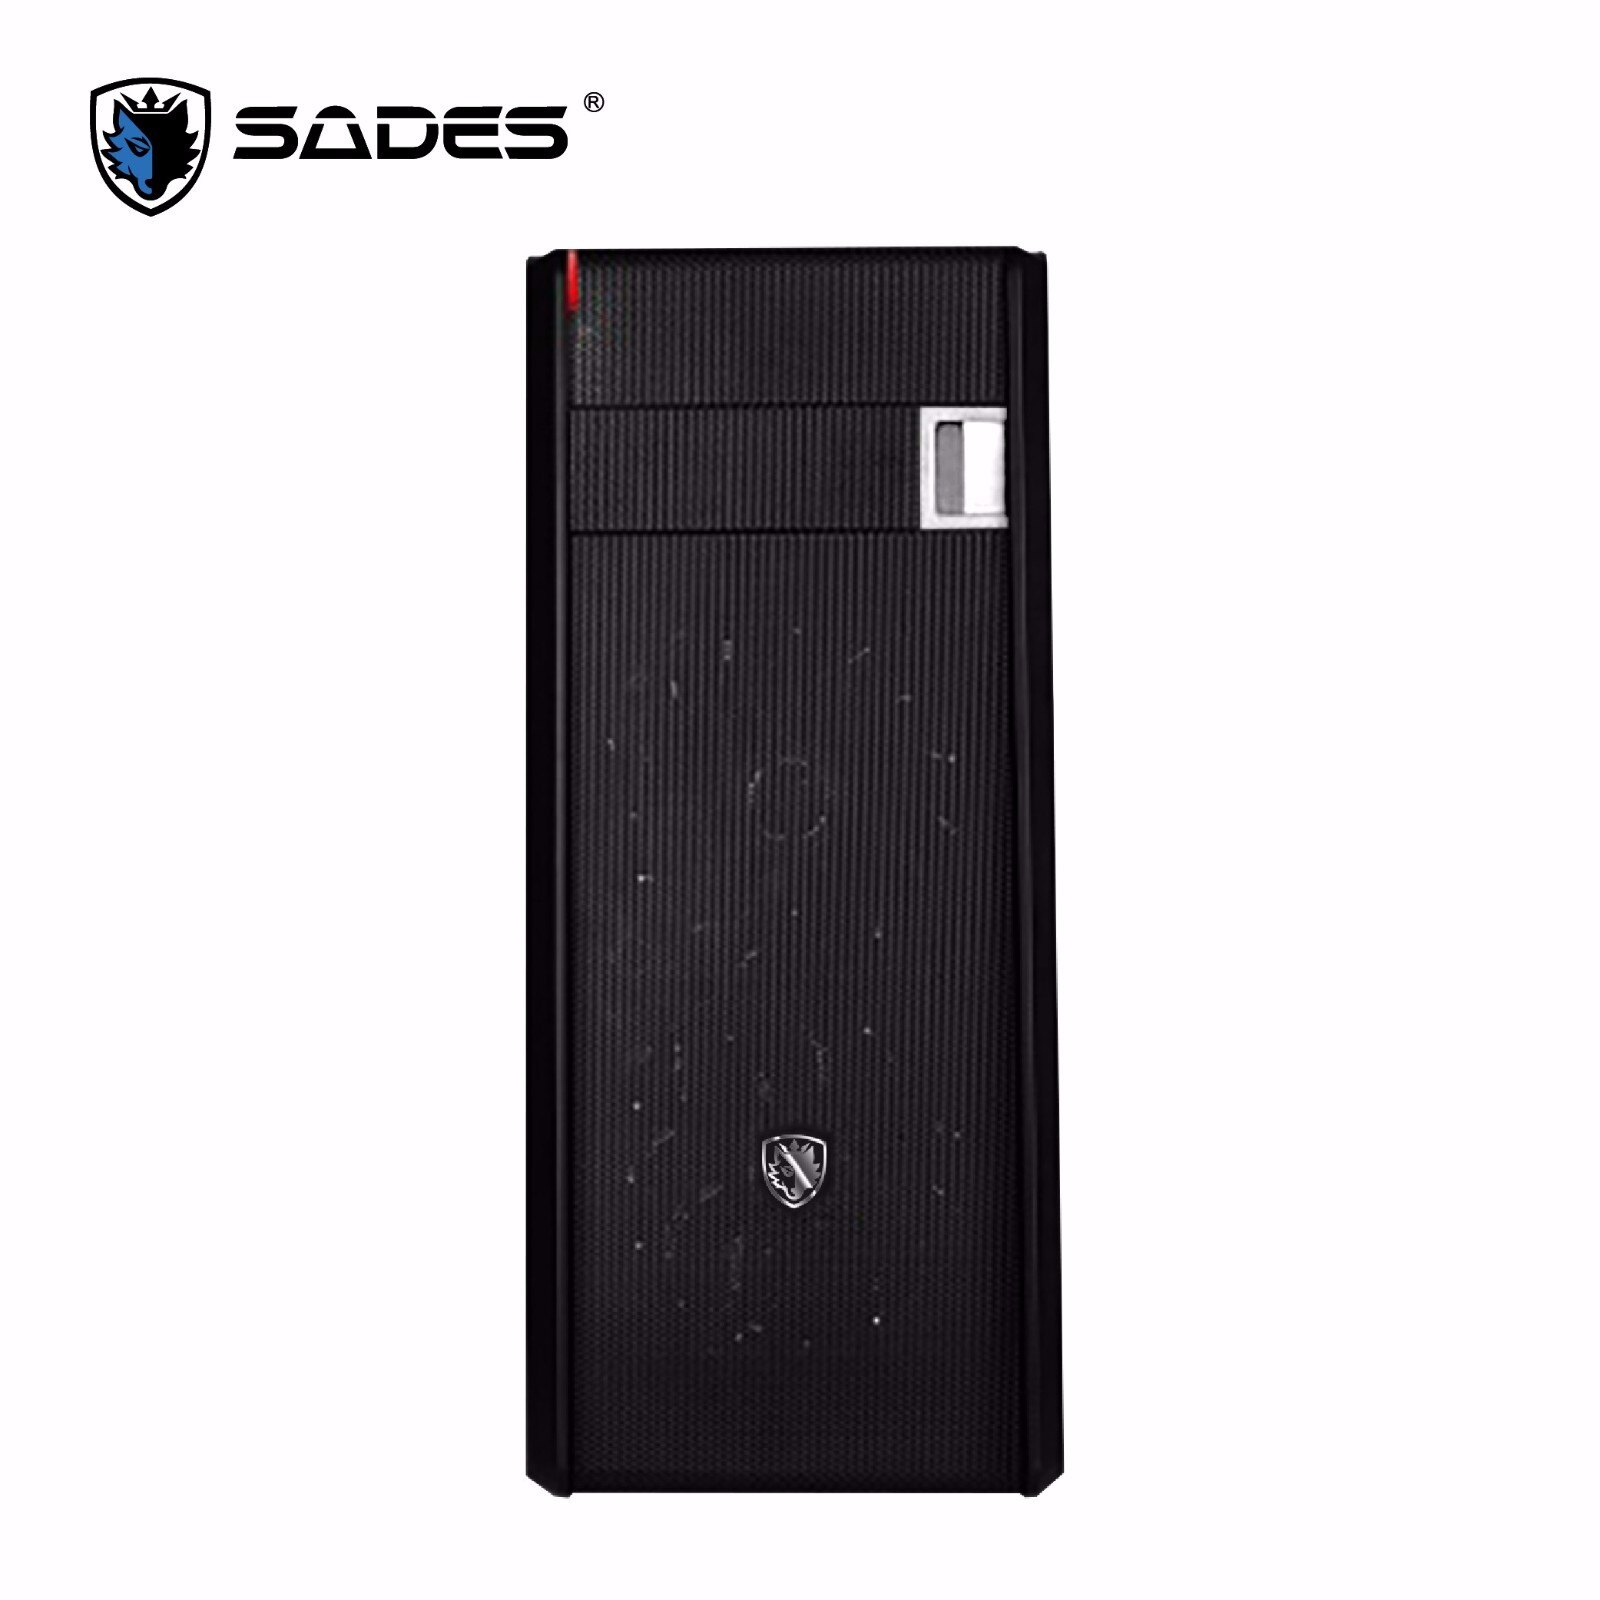 【迪特軍3C】立光代理 SADES 賽德斯 狼王萊肯 強化裝甲機箱 電腦機殼 適用ATX M-ATX ITX 主機板 0.7超厚鋼板 1